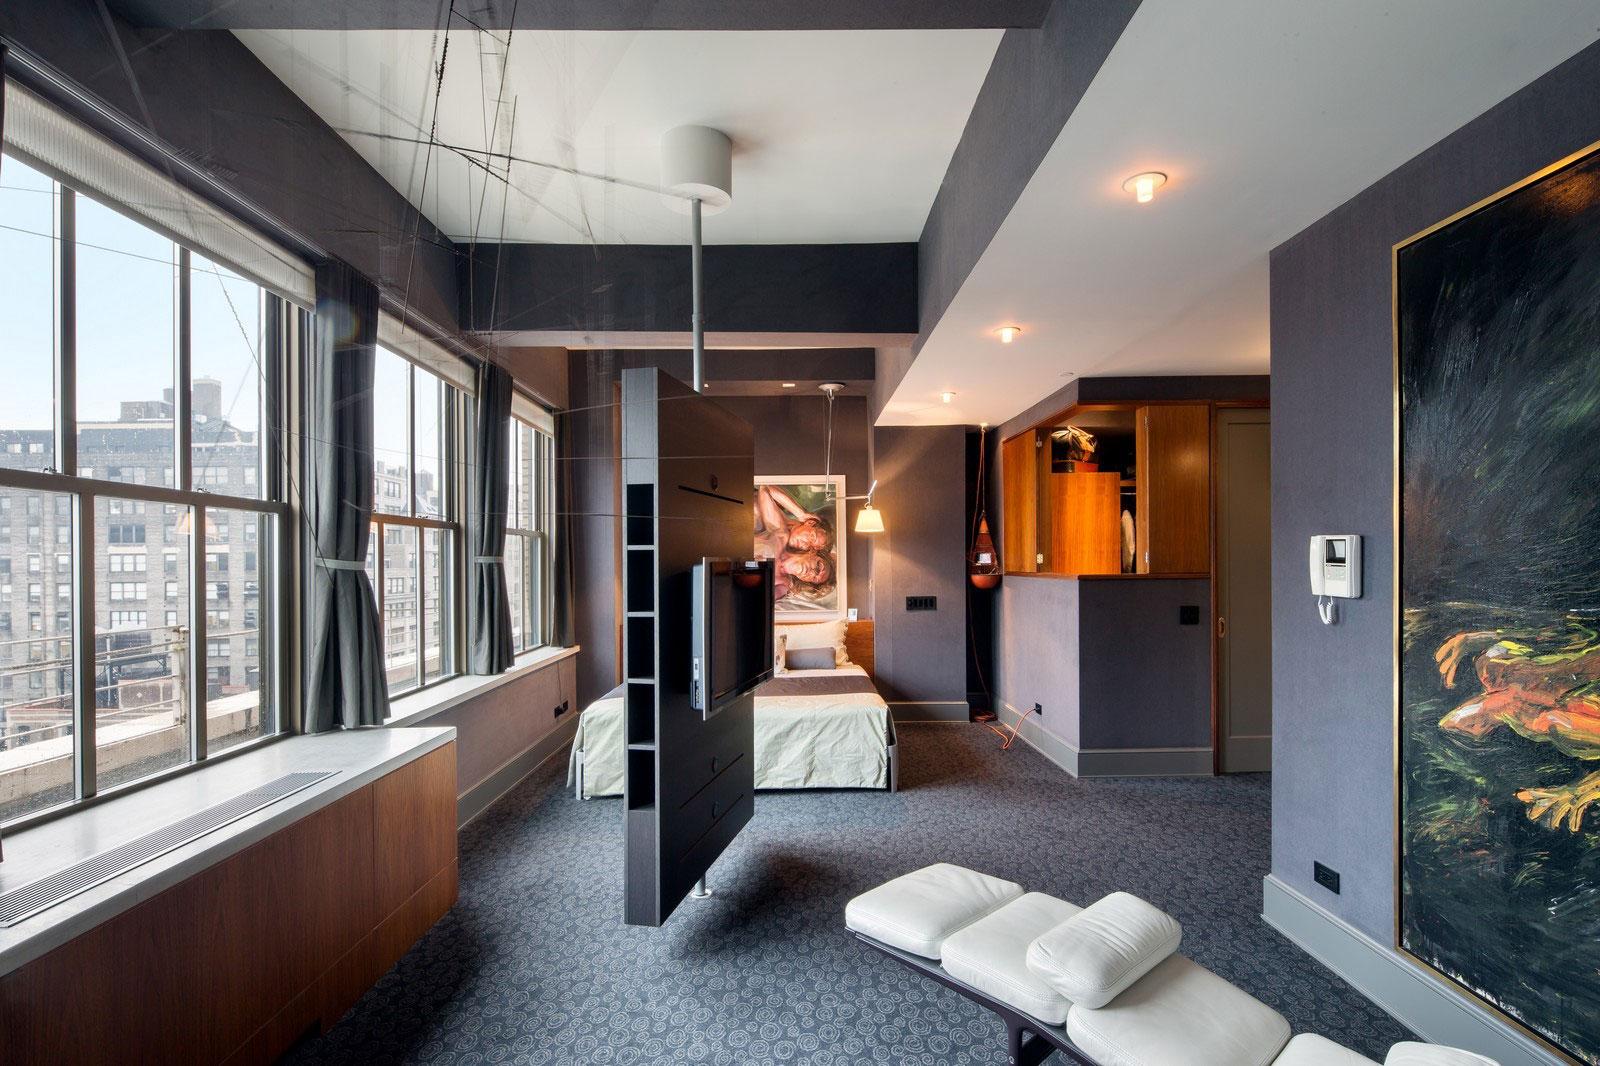 Стильные шторы в дизайне интерьера помещения